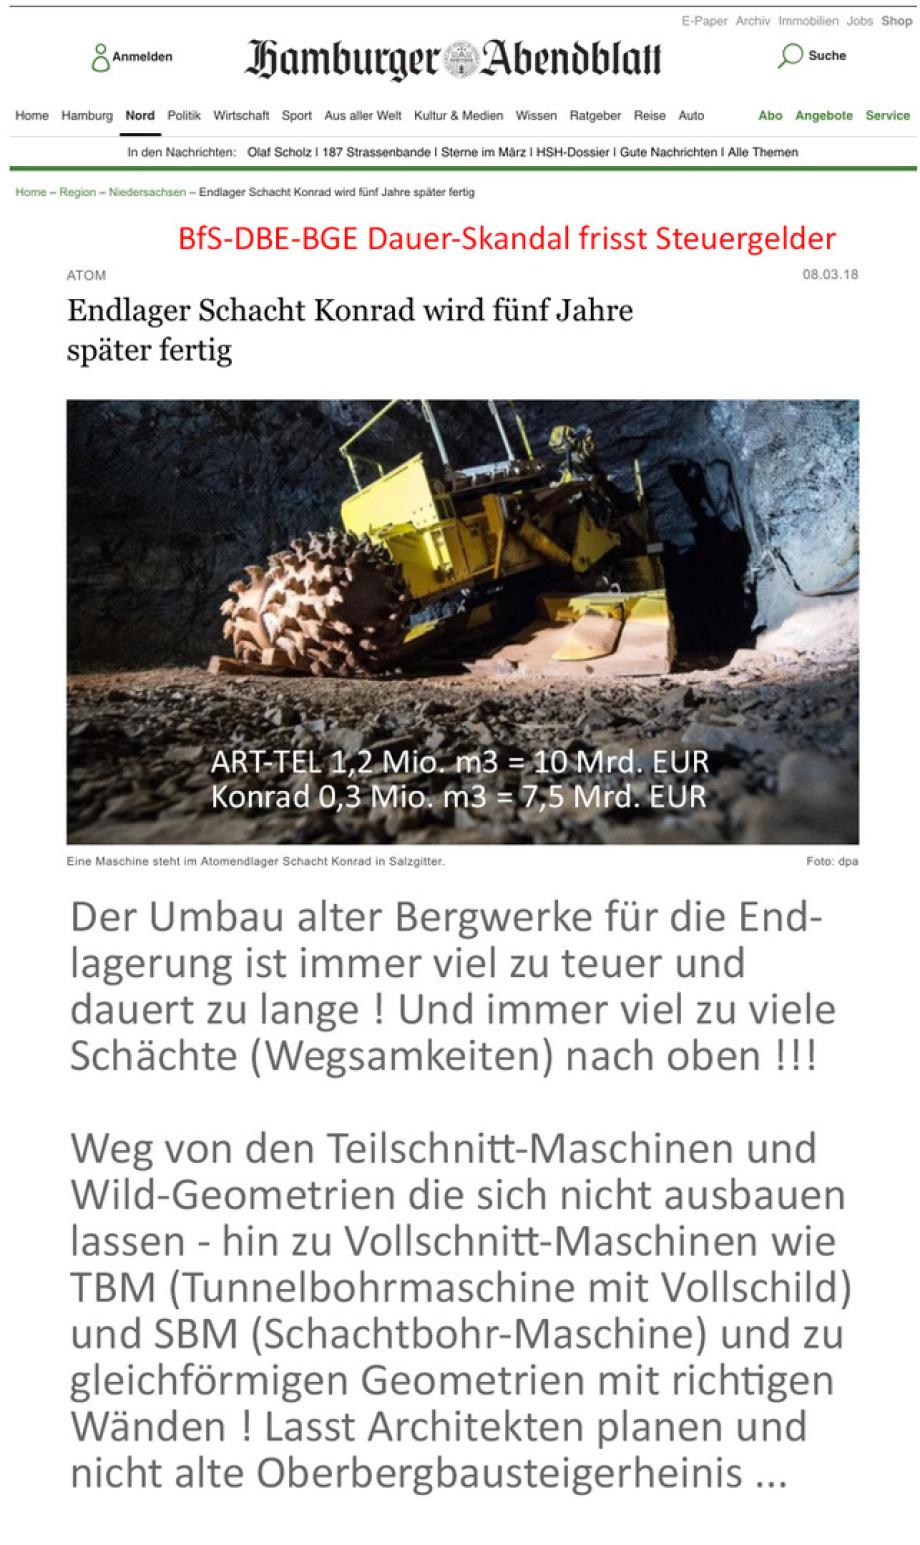 BfS DBE Gmbh BGE GmbH Konrad Endlager Skandal